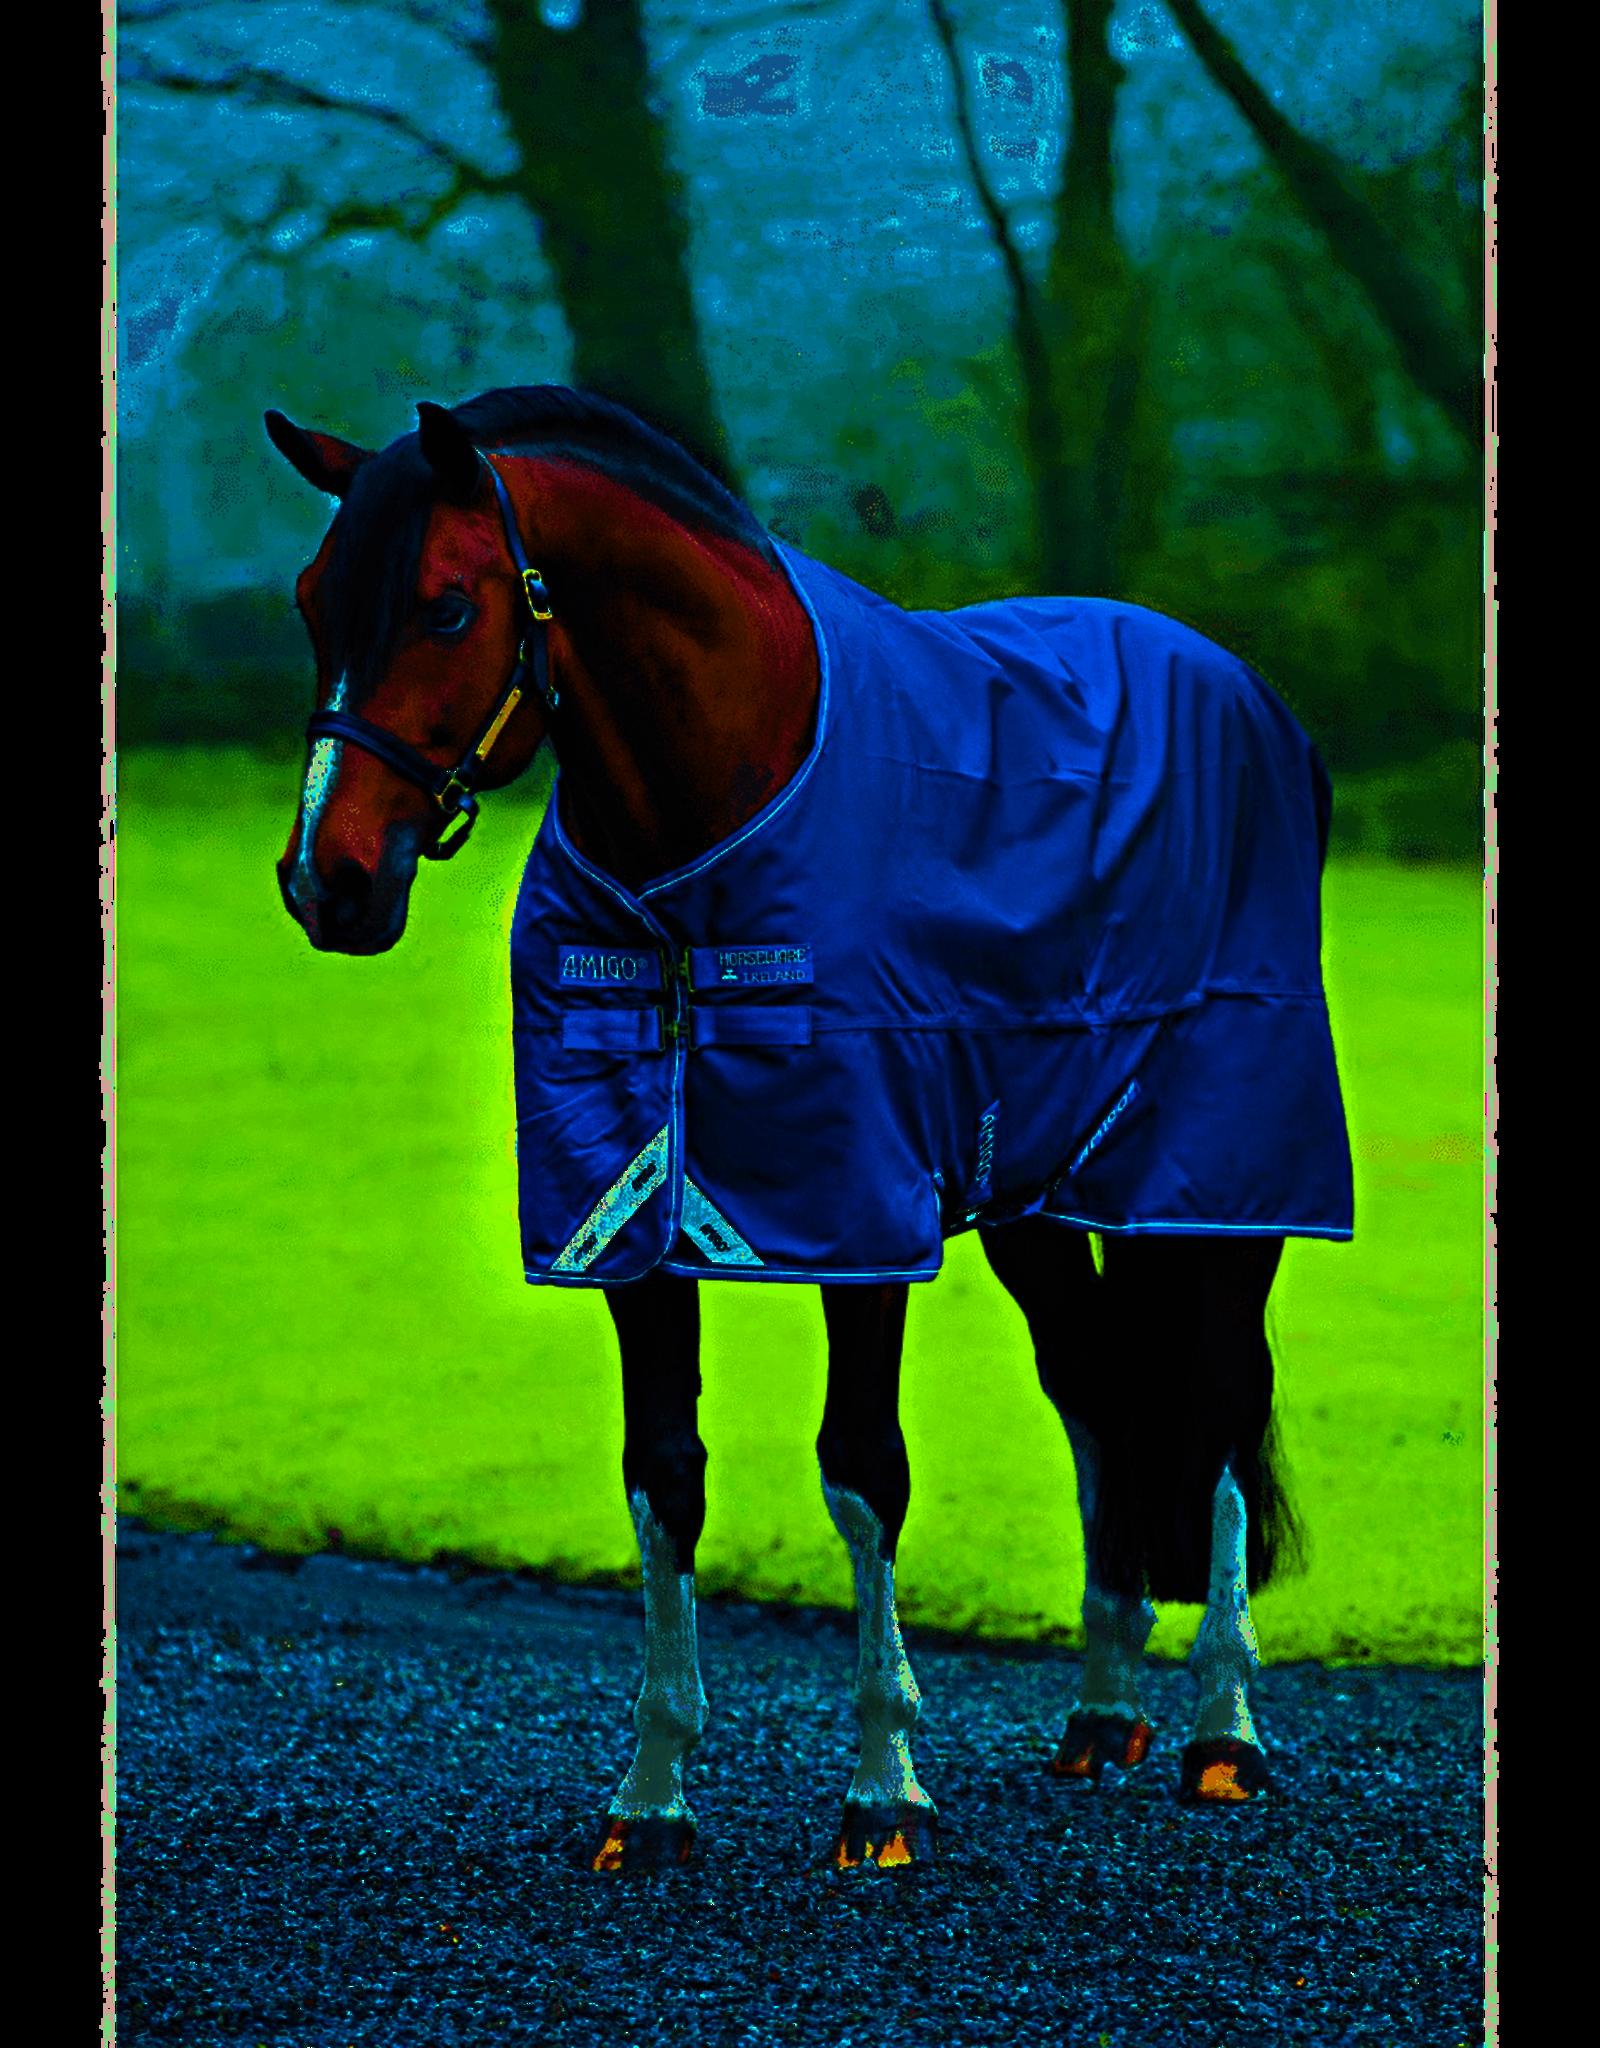 Horseware Amigo Bravo 12 Original 0 gram